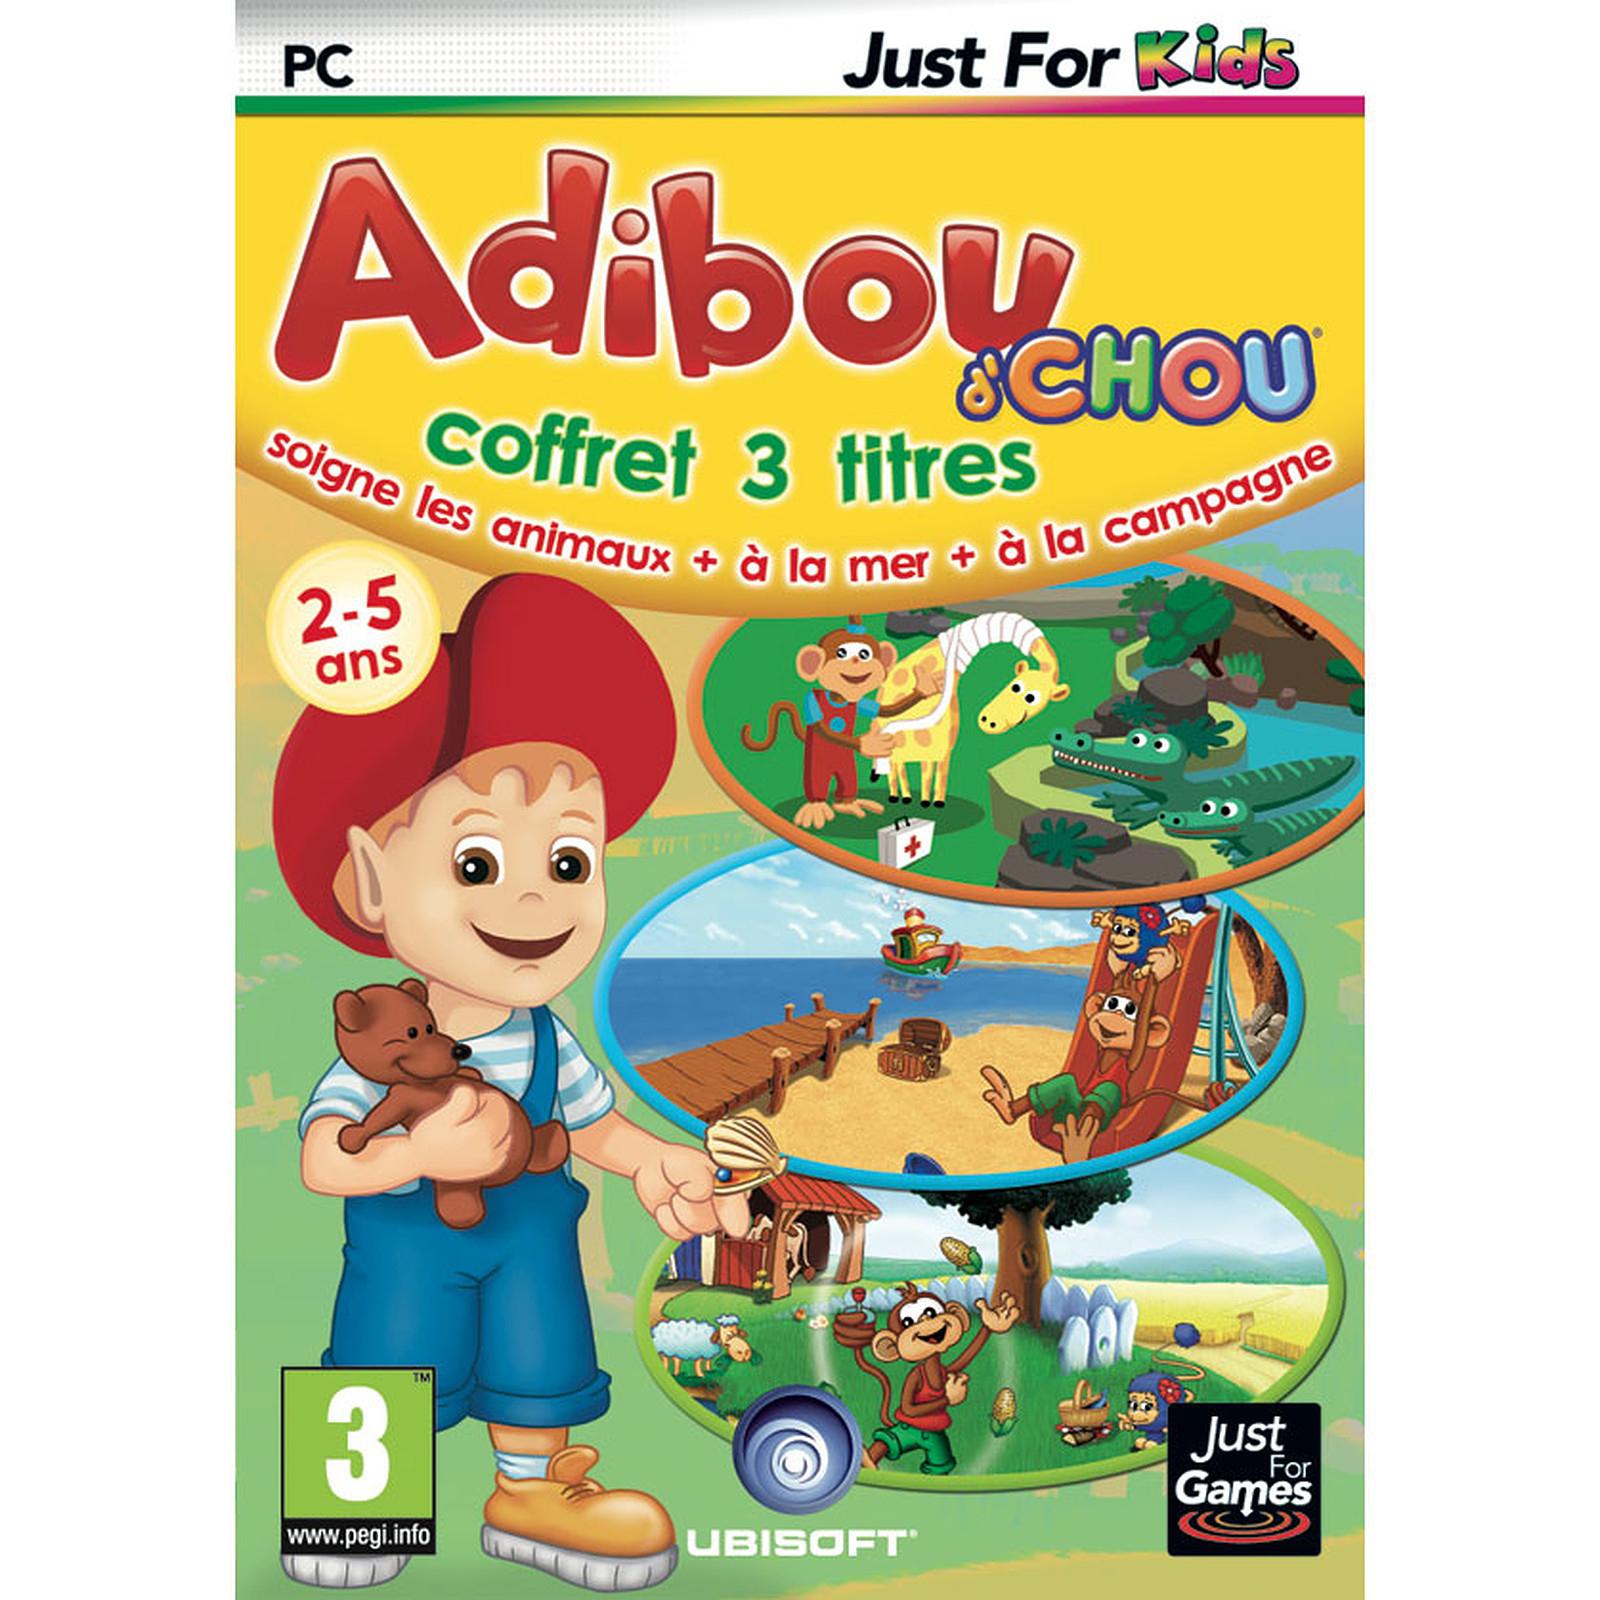 Pack Adibou'chou Mer + Campagne + Soigne Les Animaux (Pc pour Jeux Adibou Pc